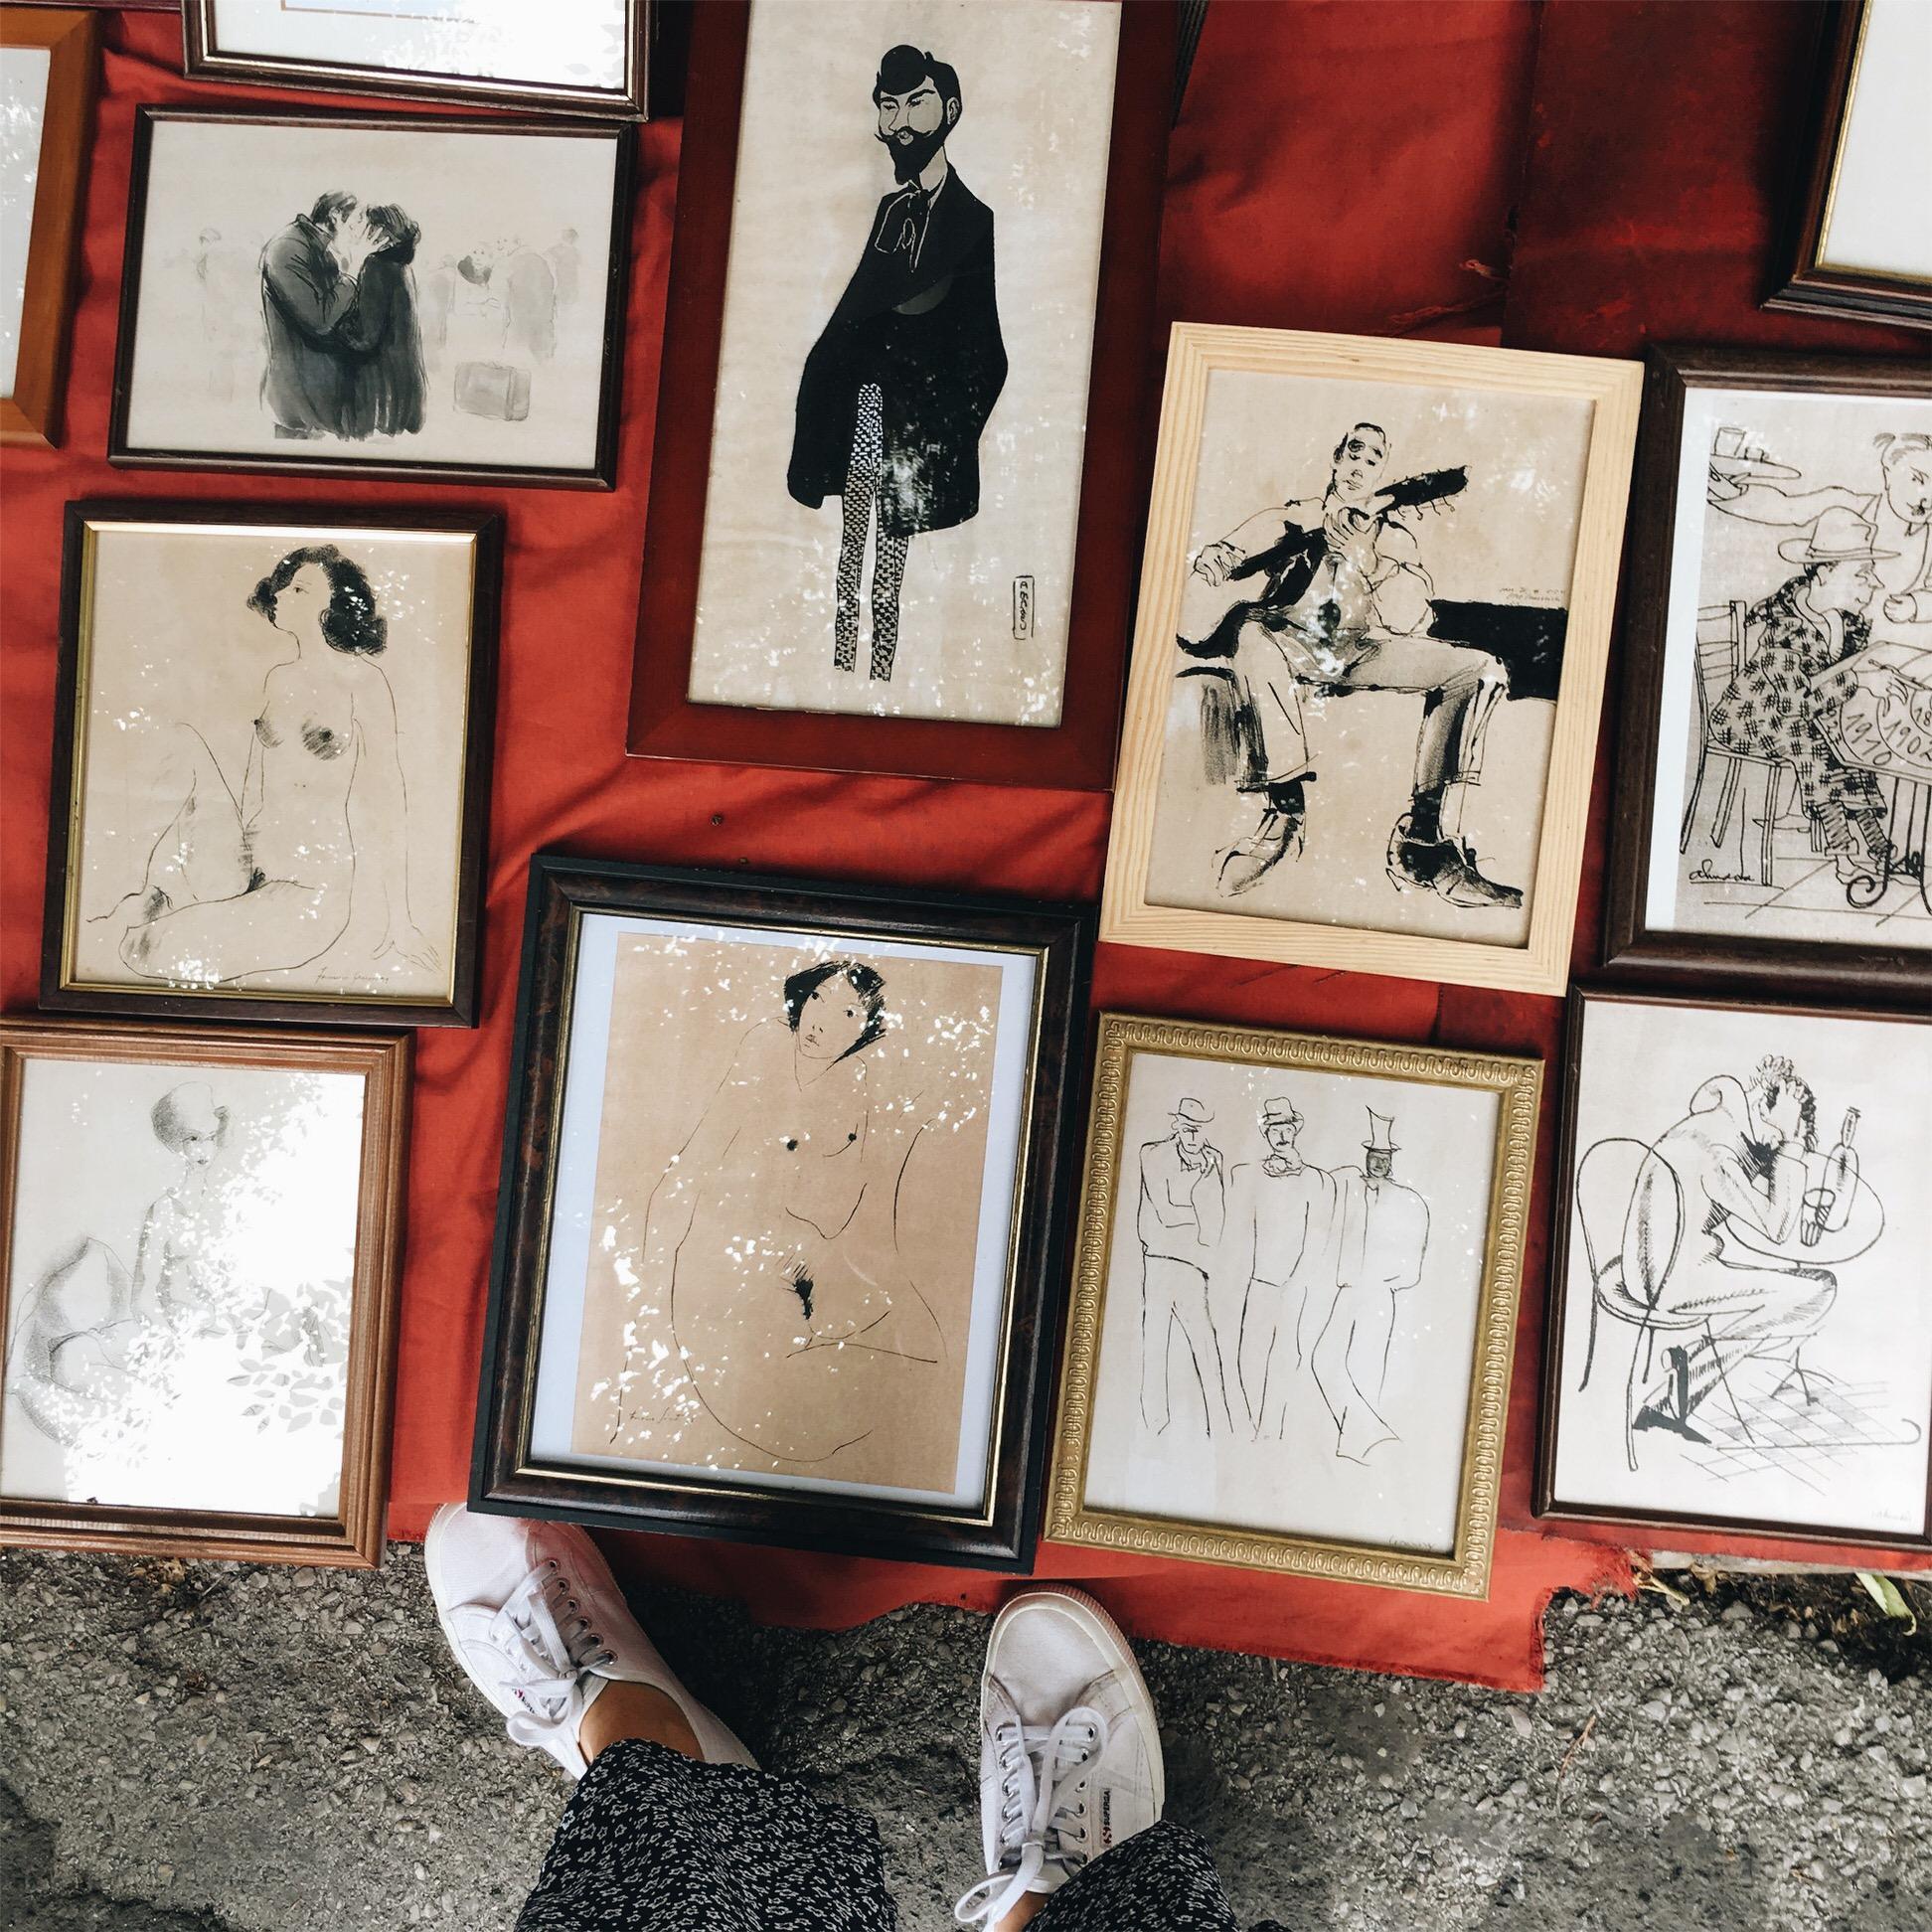 Feira da Ladra Lissabon Flohmarkt in meinen Reisetipps